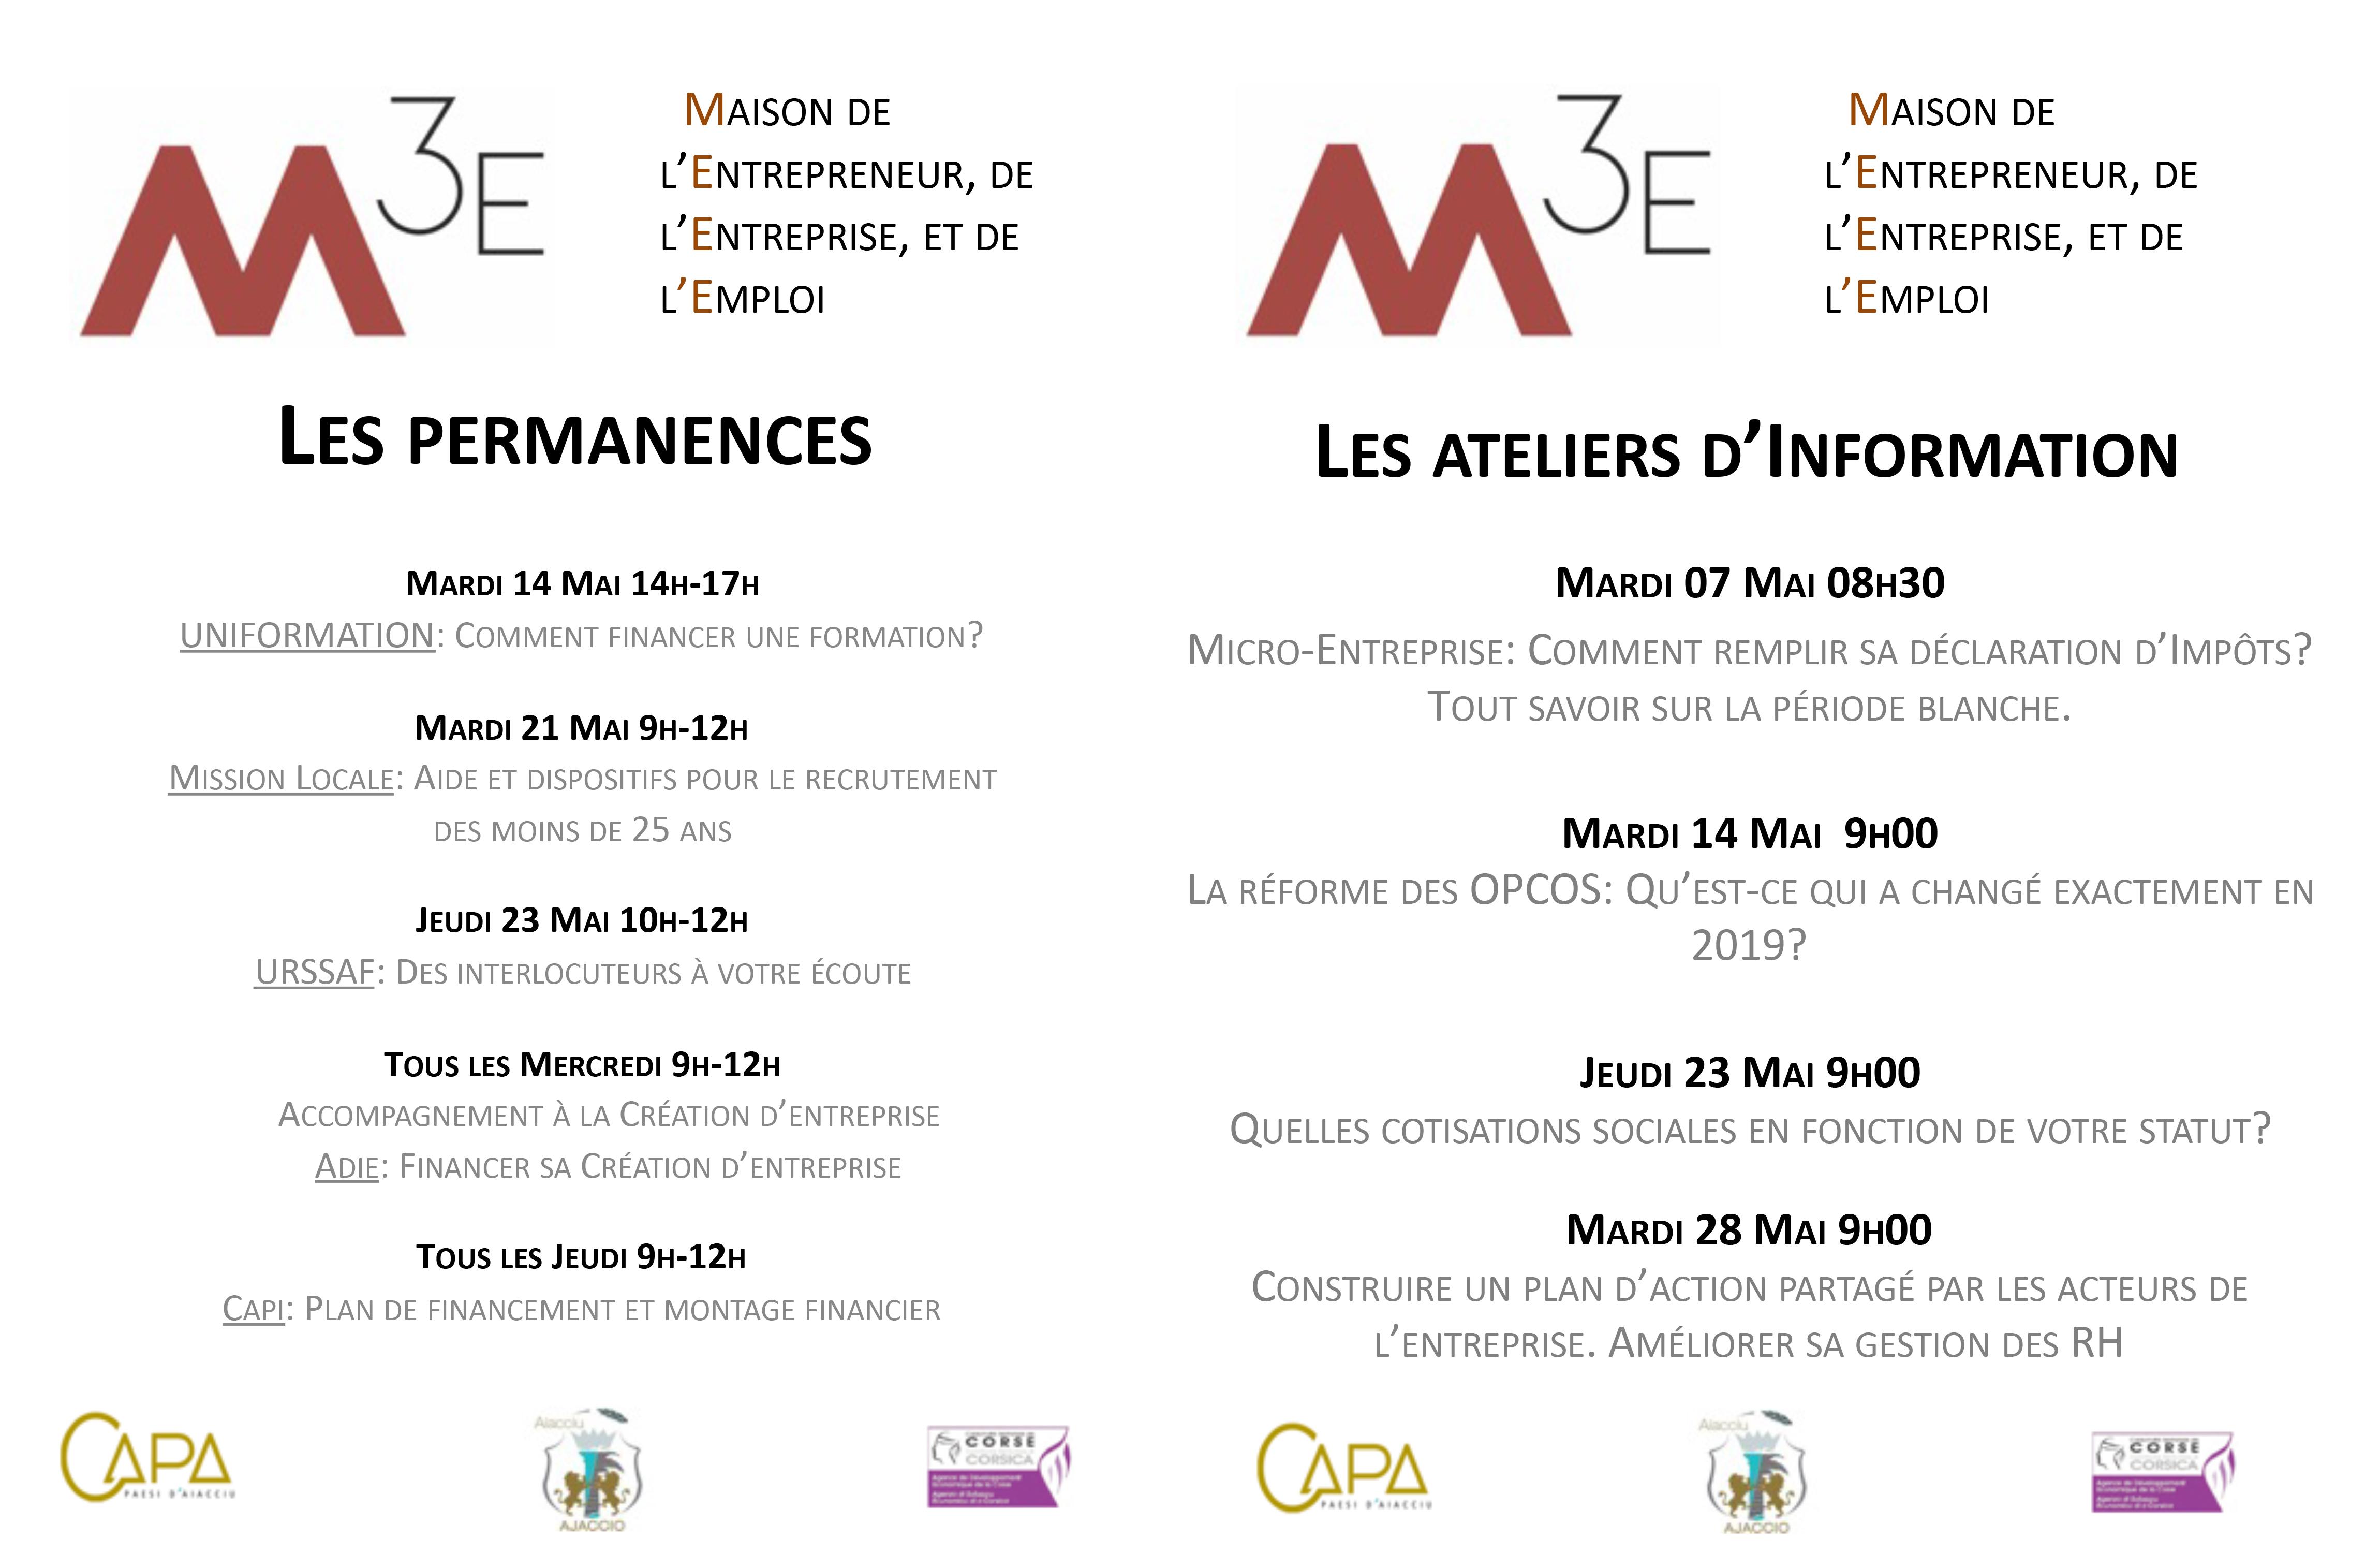 Programme de mai de la M3E